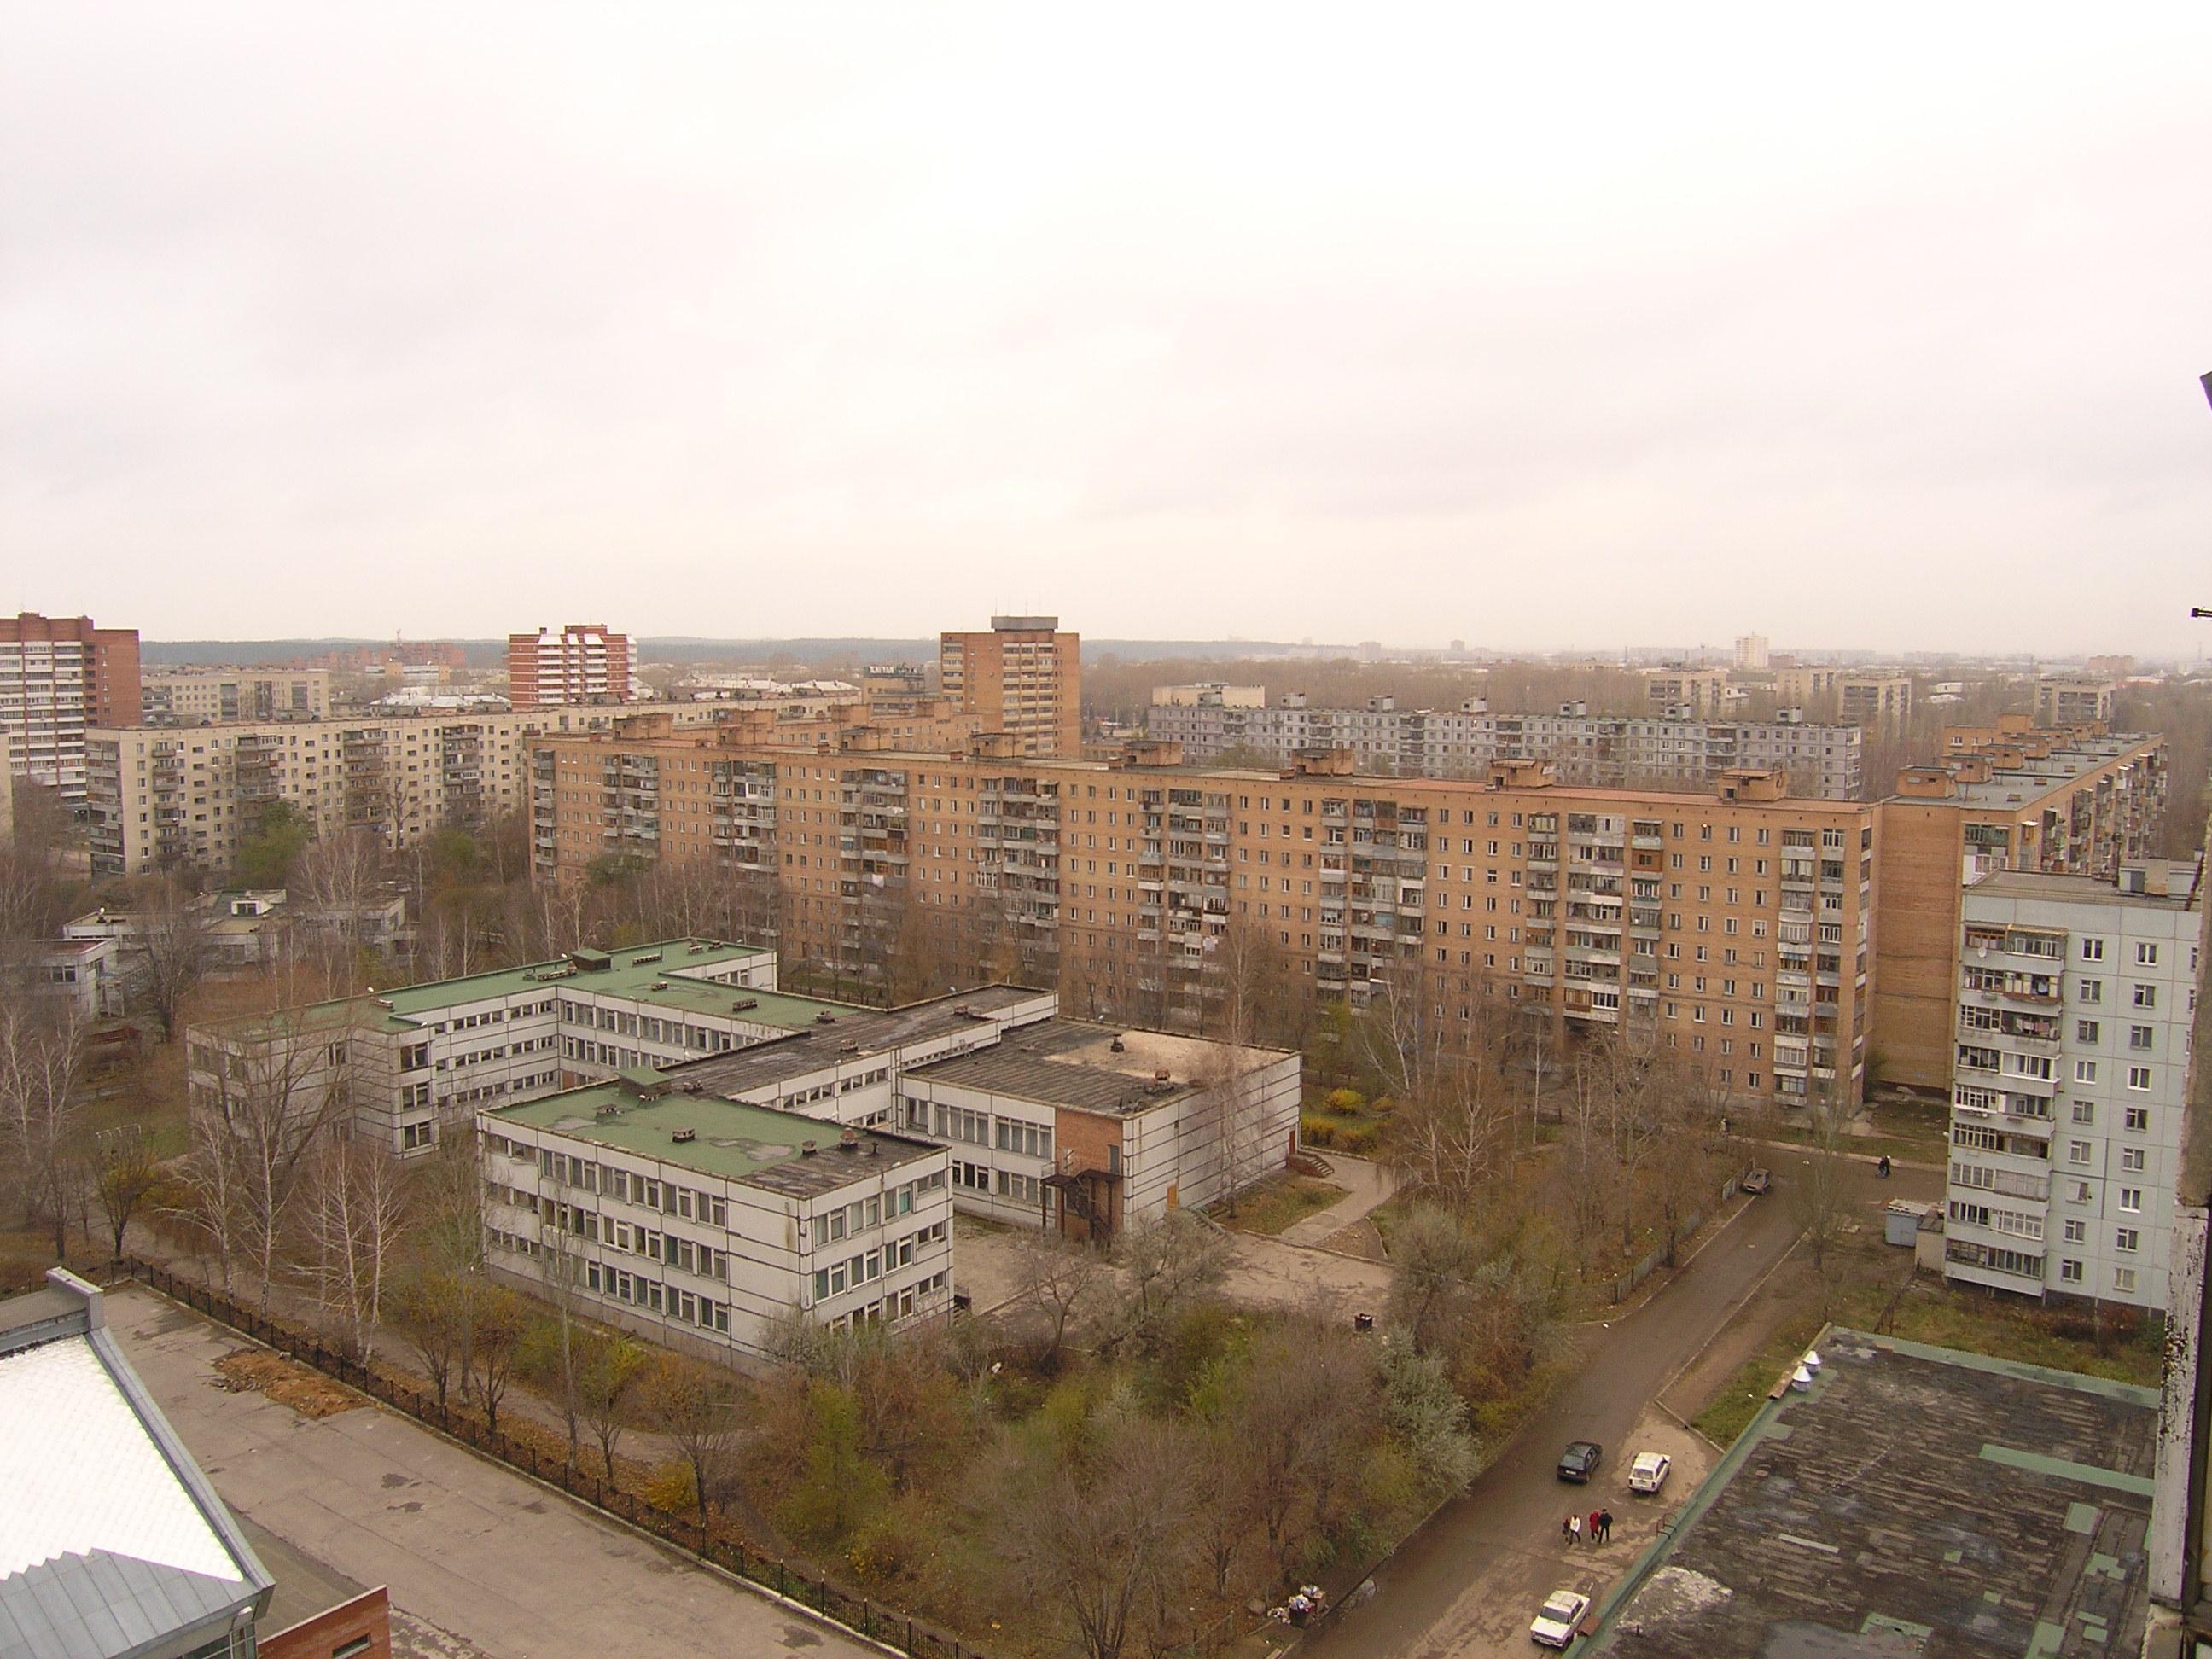 Togliatti Russia  city photos : Описание 71 kvartal, Togliatti, Russia